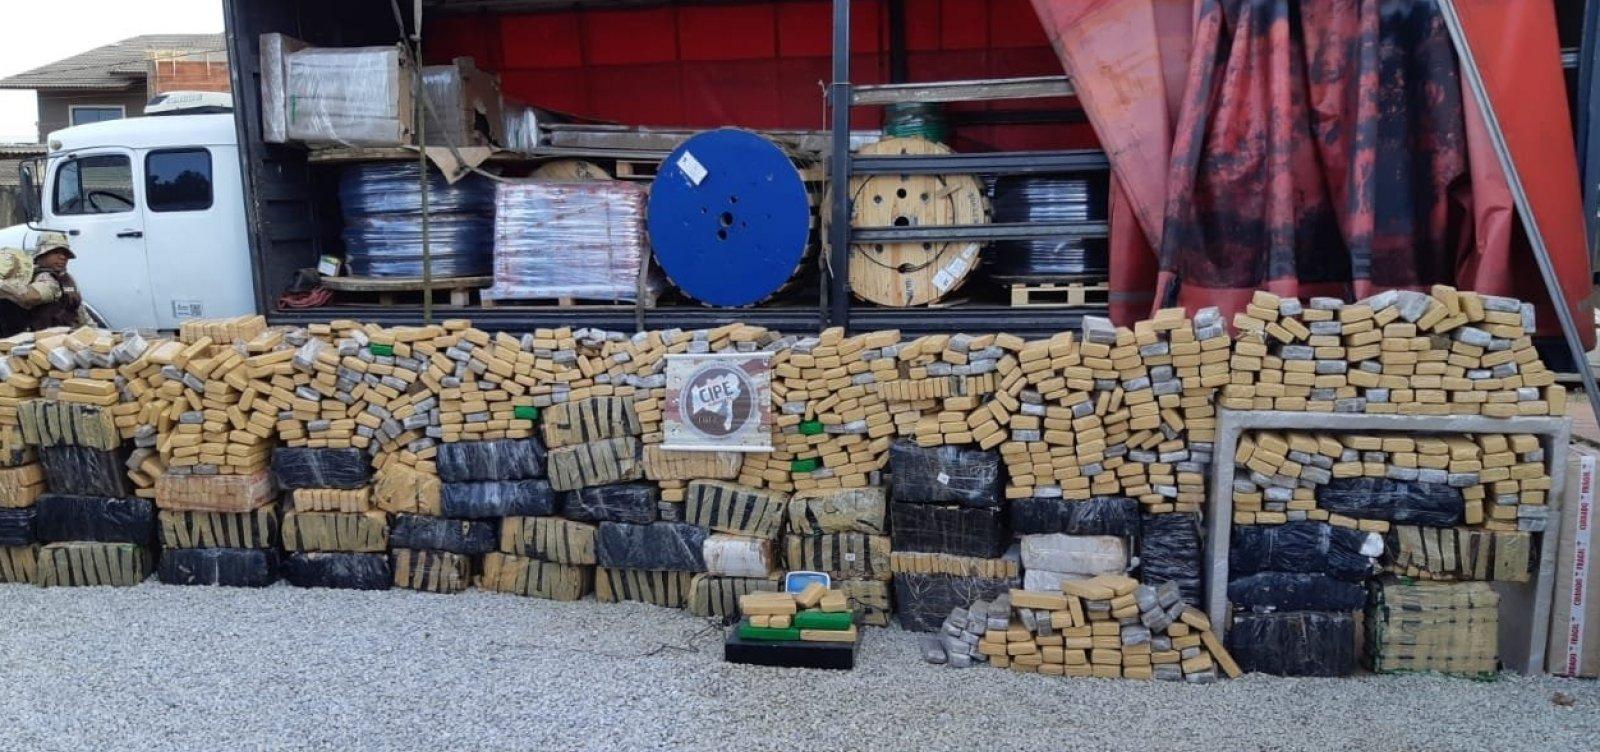 [Polícia apreende mais de duas toneladas de maconha em caminhão e carro de luxo]